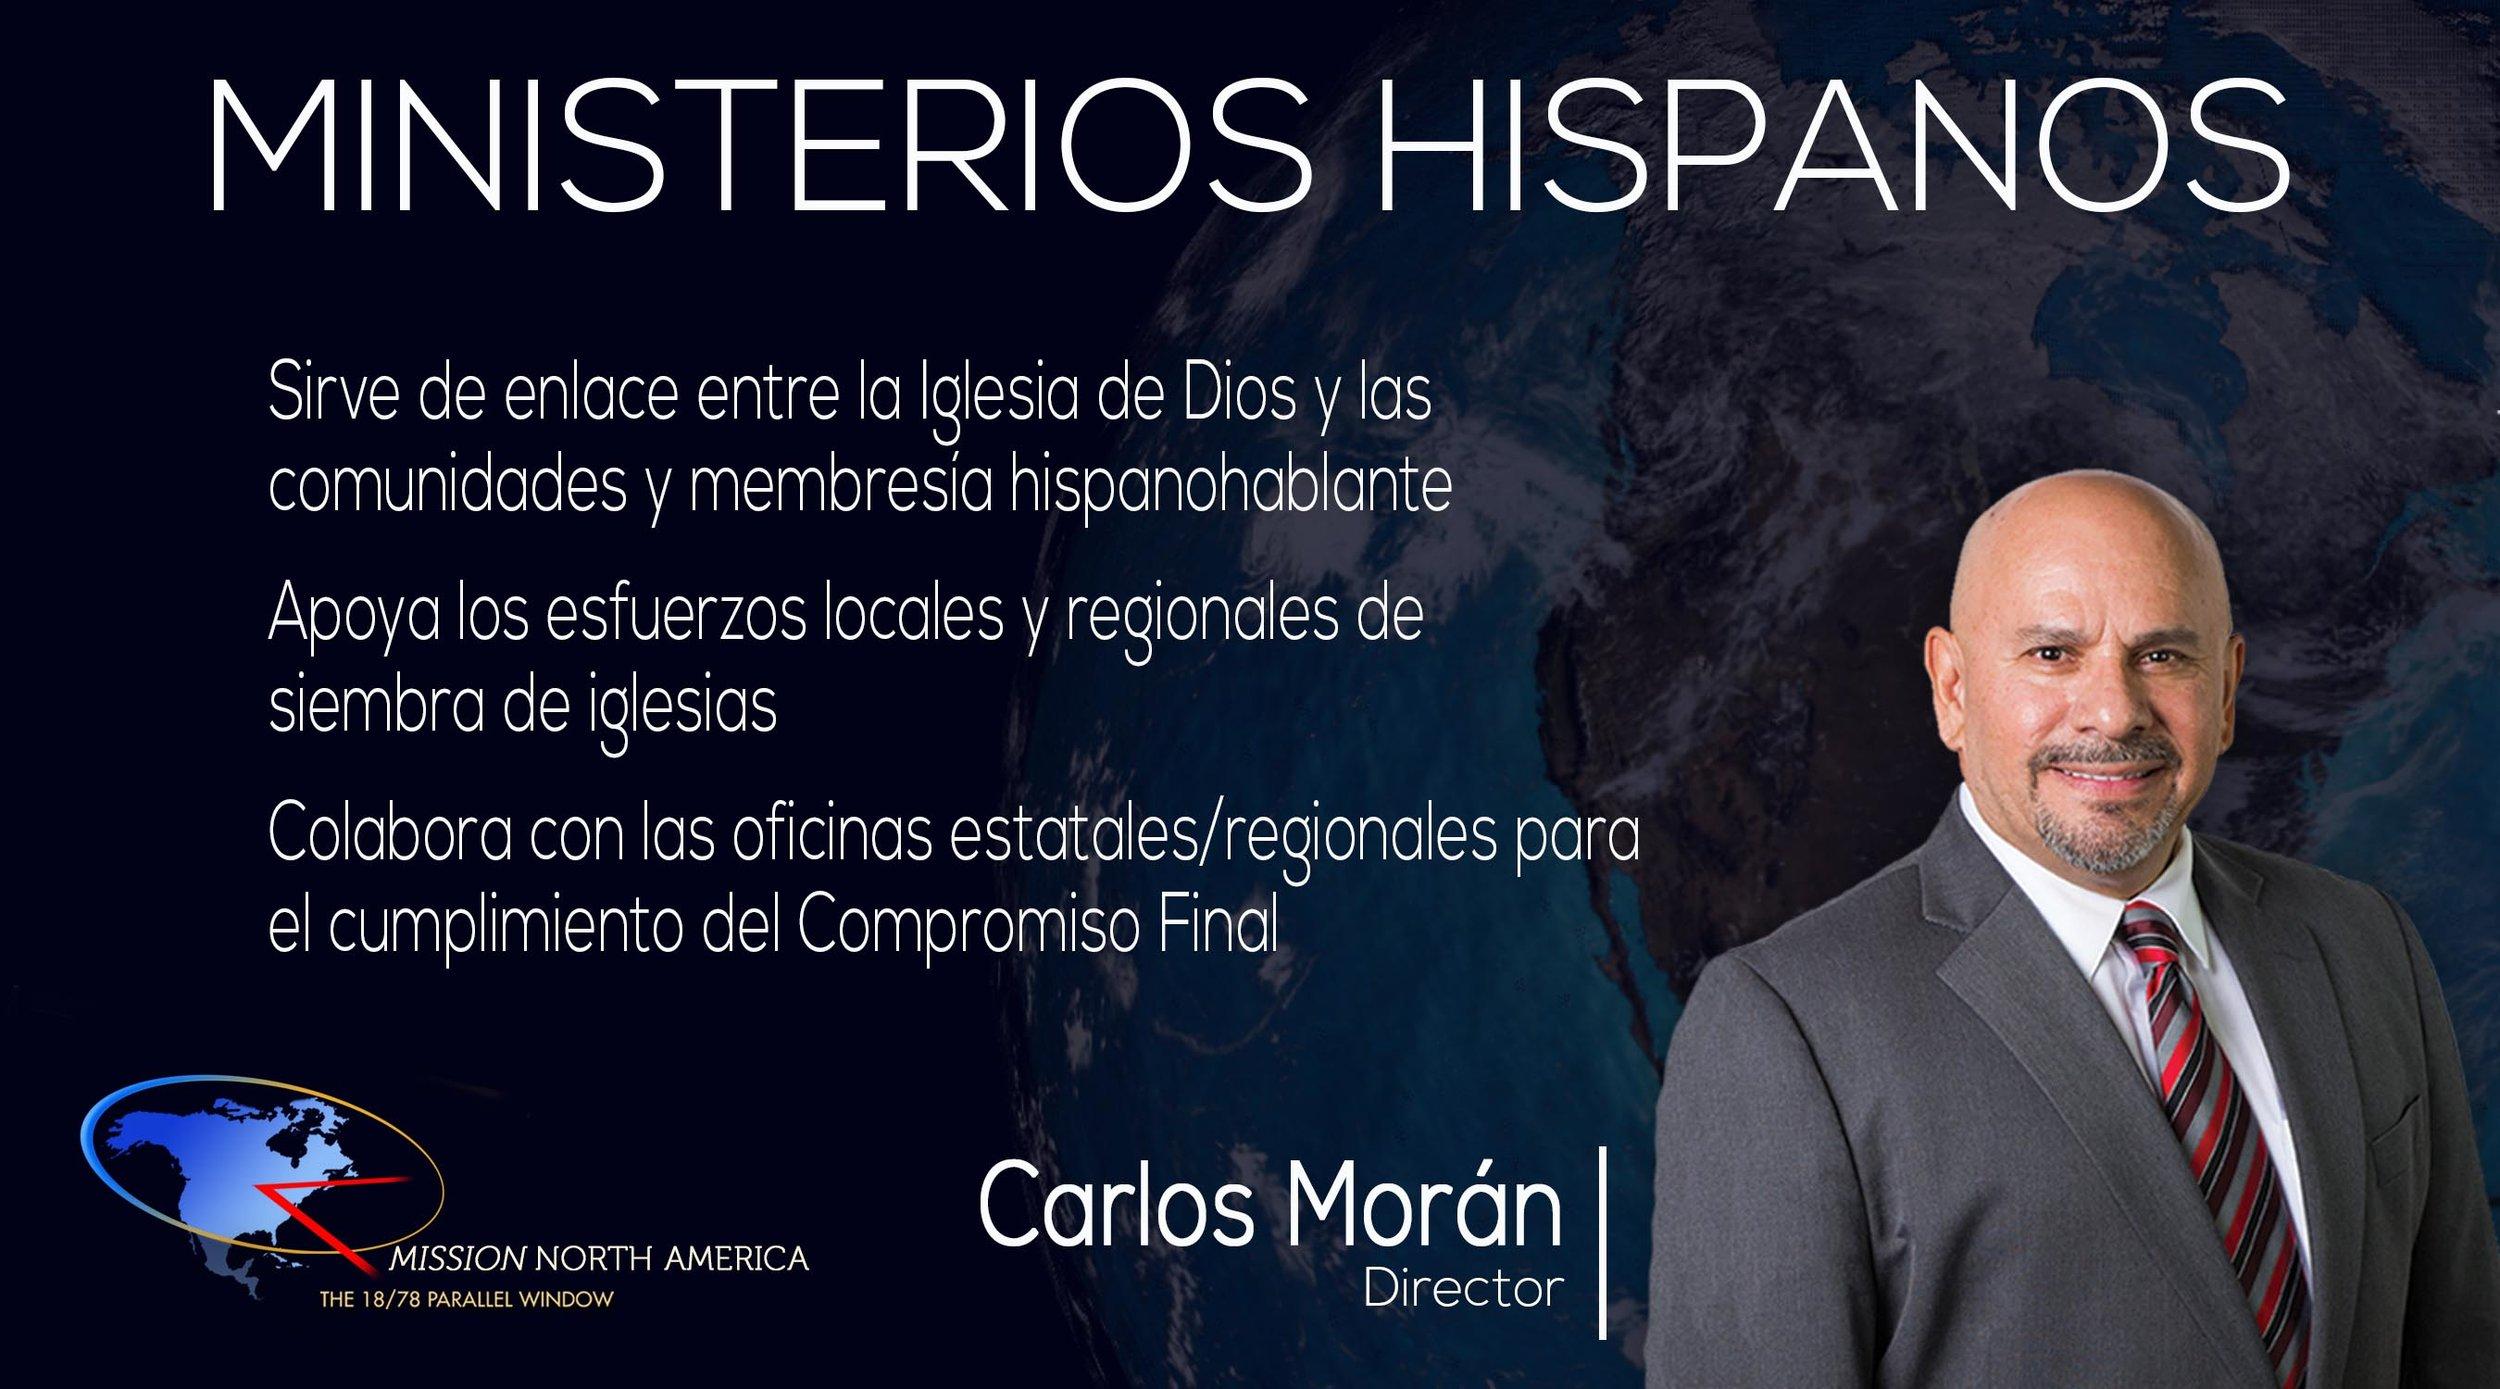 Leadership SLIDEs_Spanish_HM.jpg